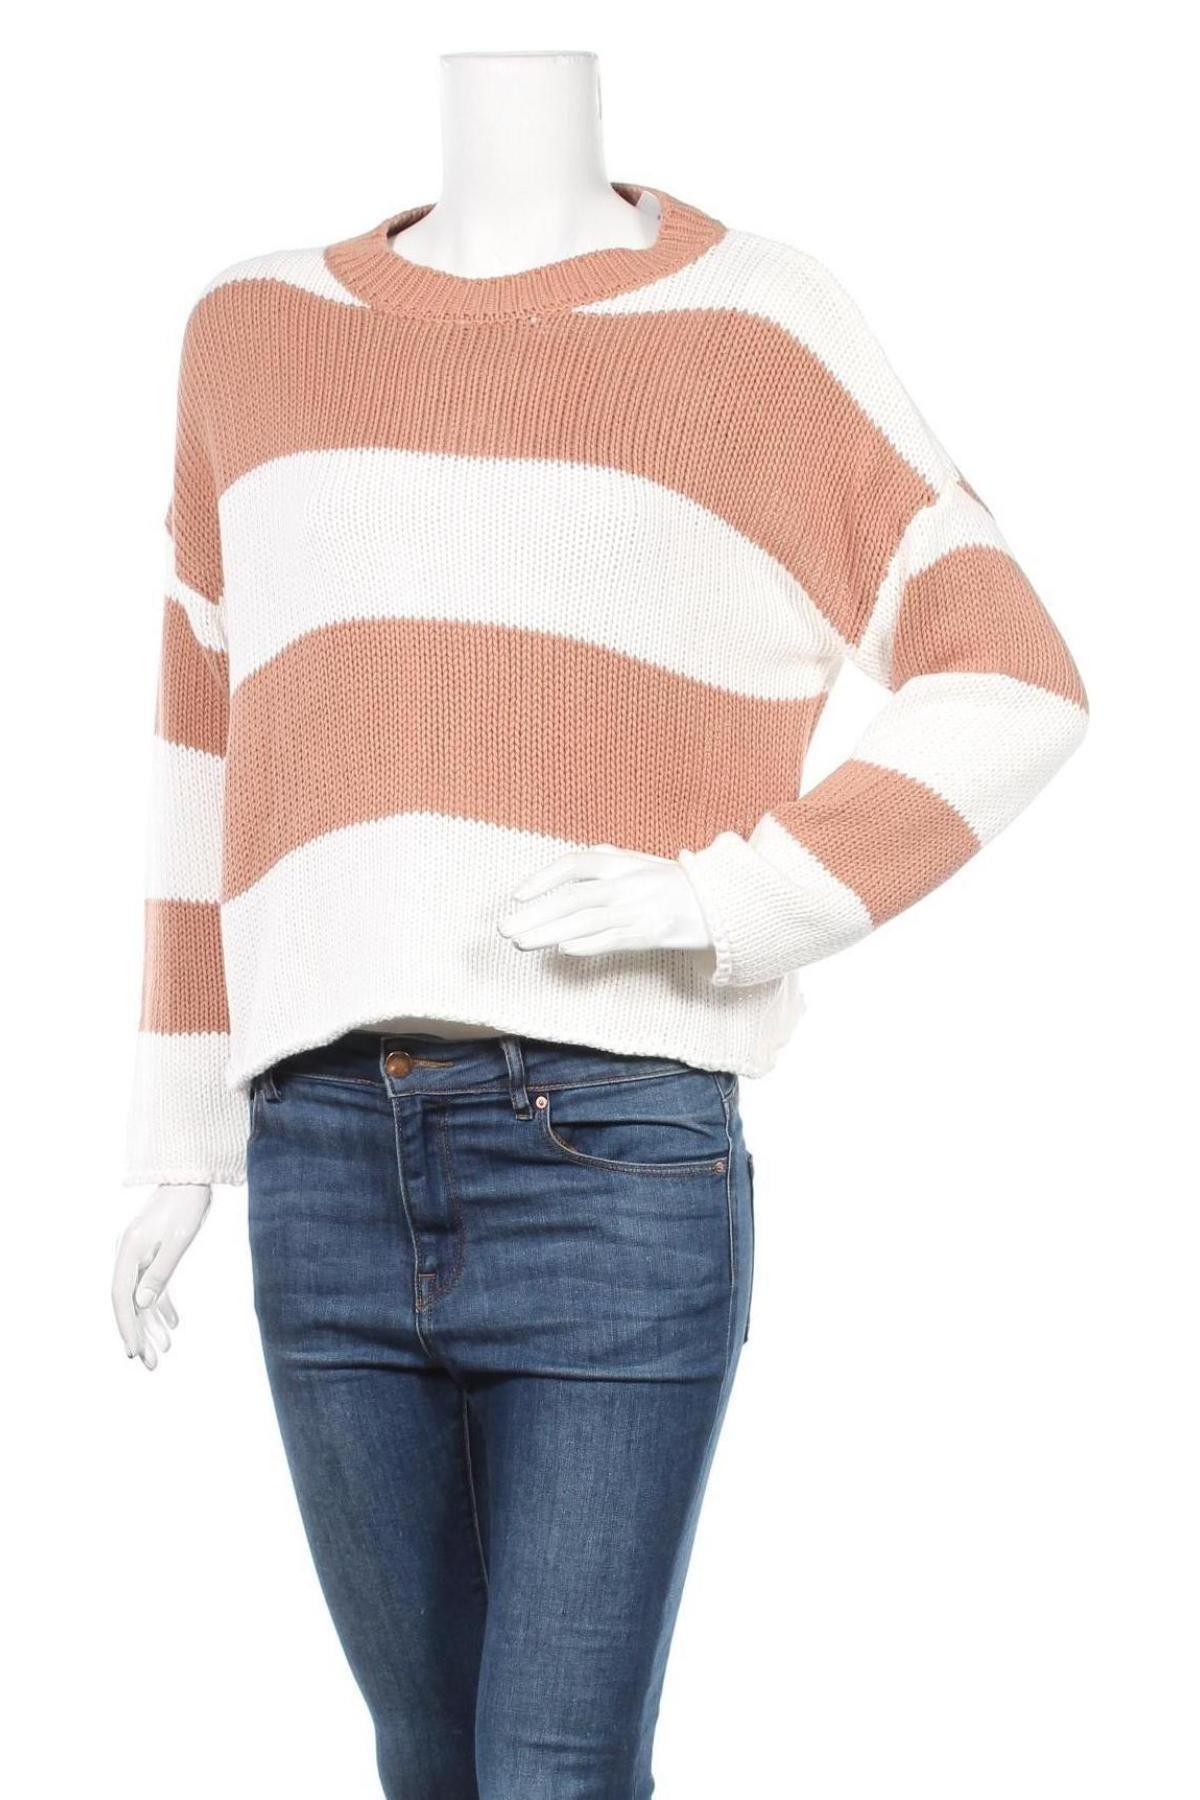 Γυναικείο πουλόβερ Lascana, Μέγεθος M, Χρώμα Καφέ, Βαμβάκι, Τιμή 21,65€